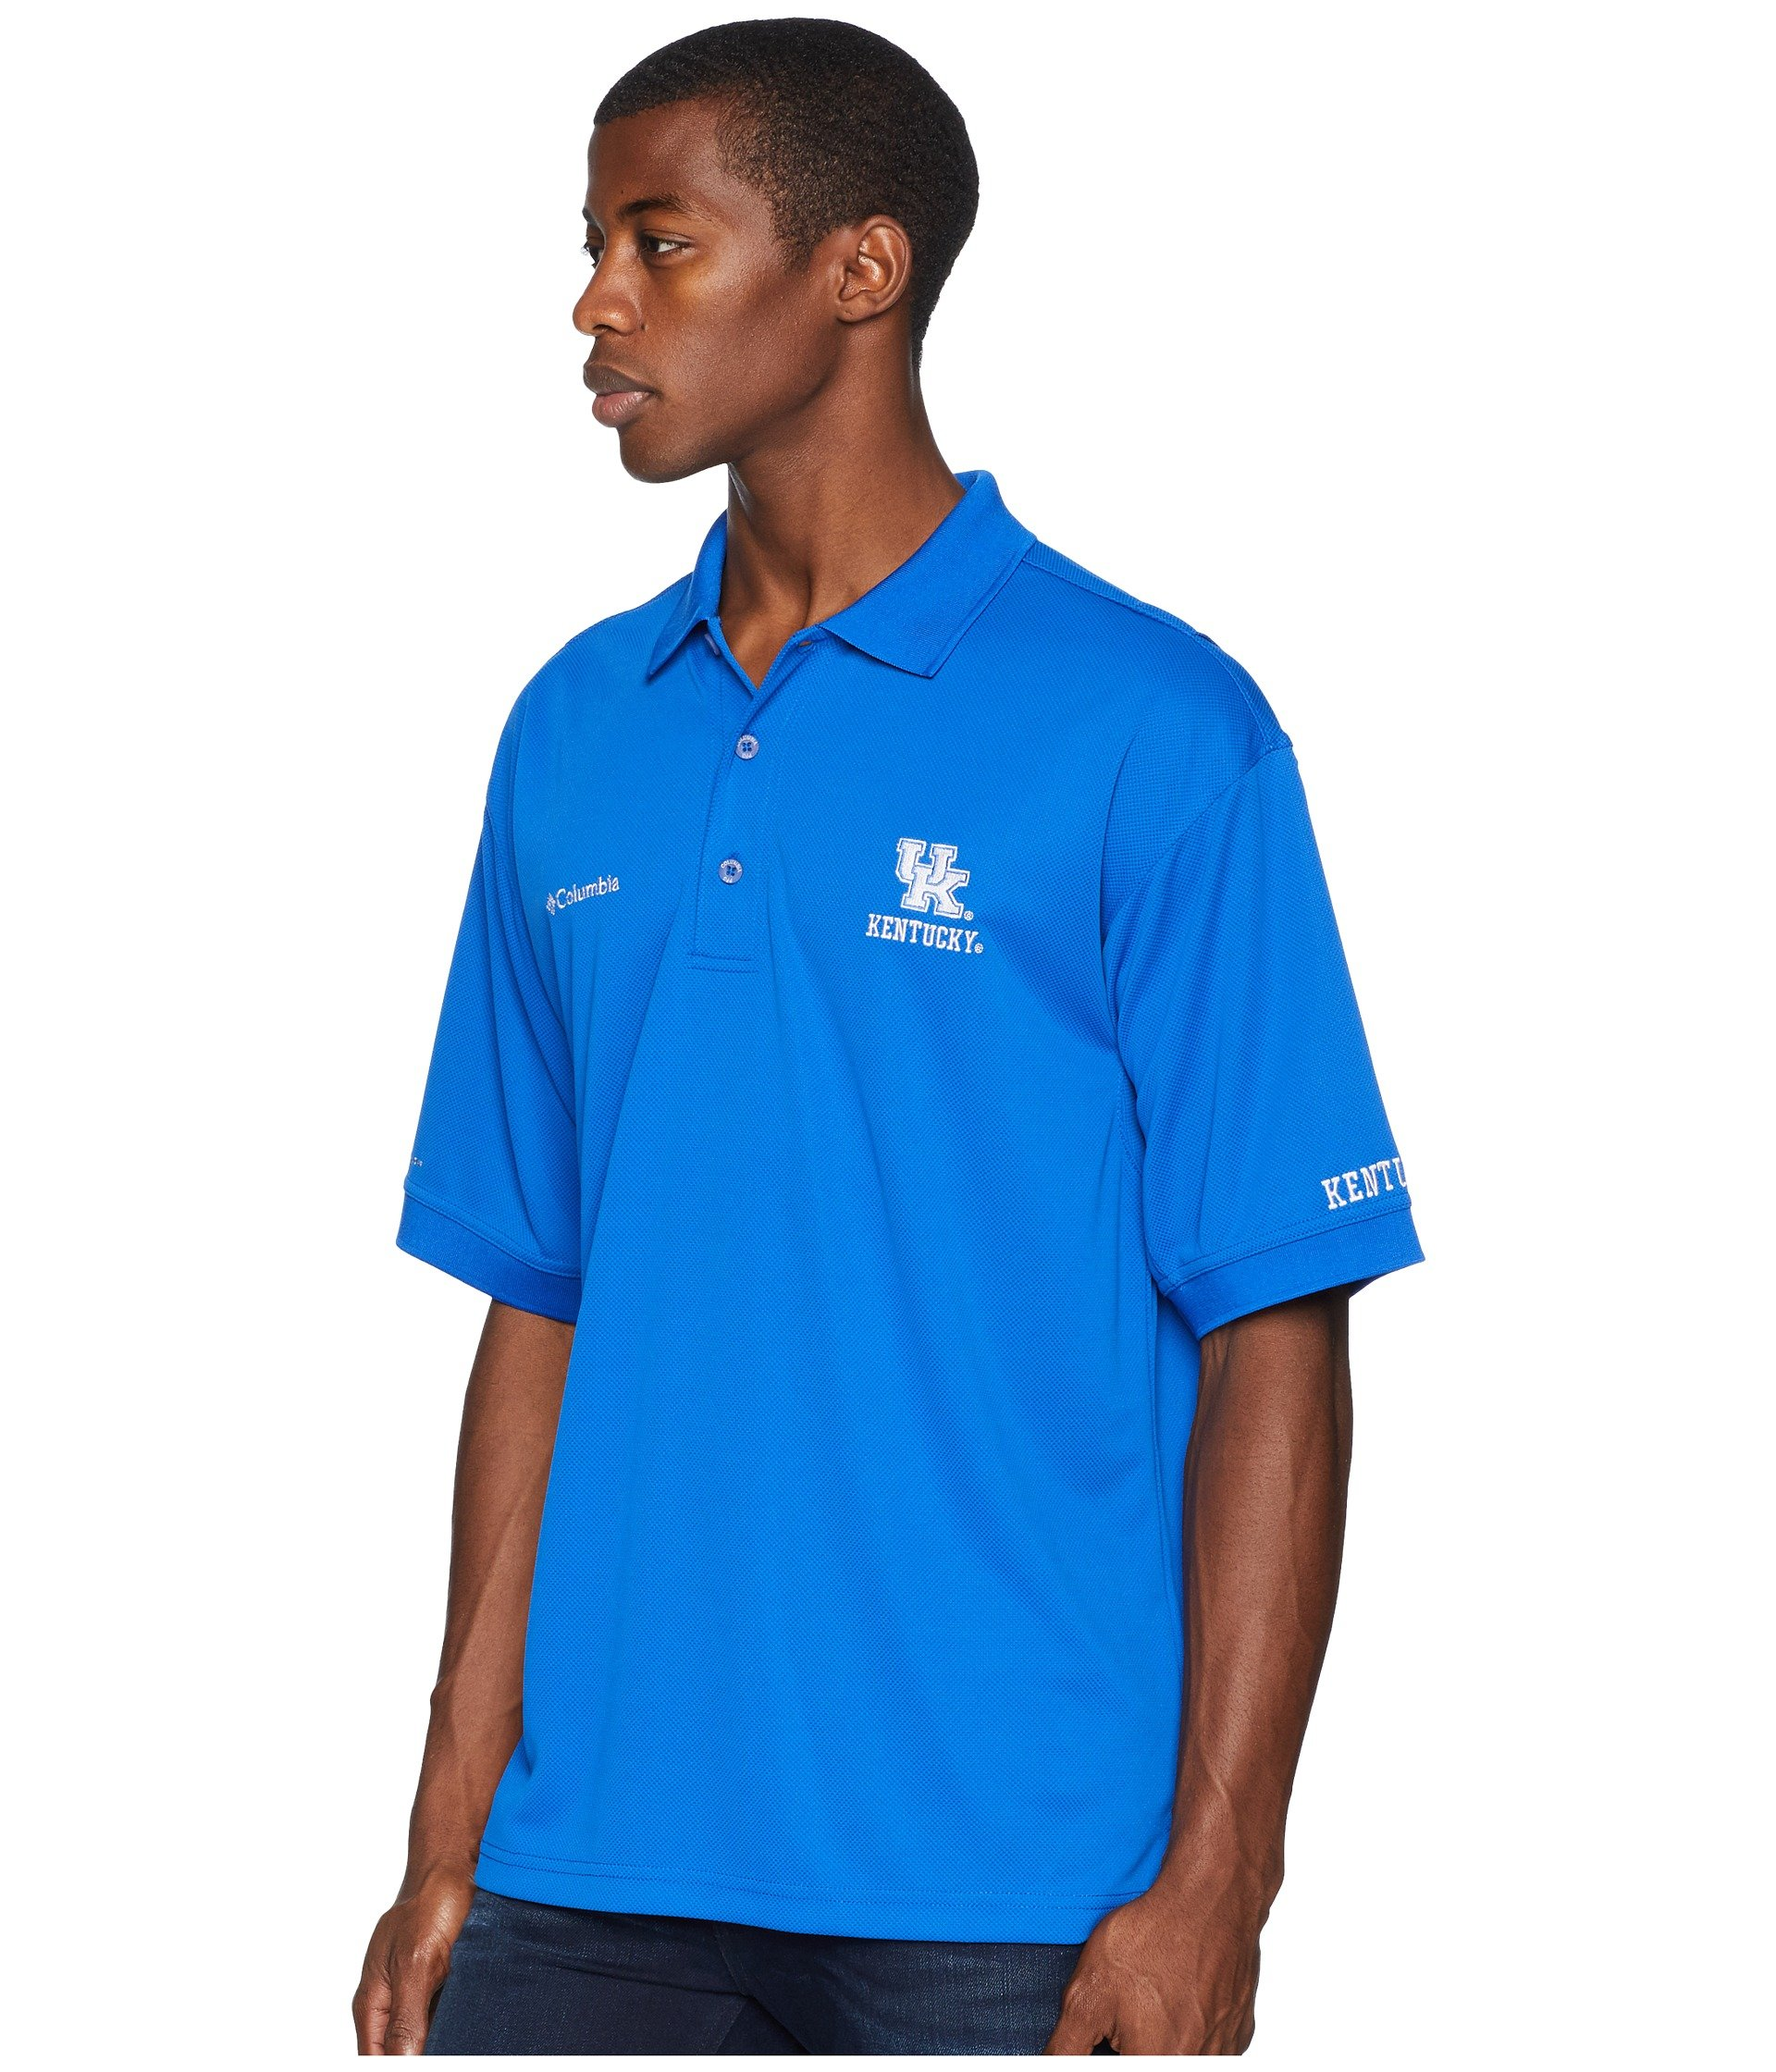 azul Top Polo Kentucky Perfect Collegiate Cast™ Columbia wzY8qn